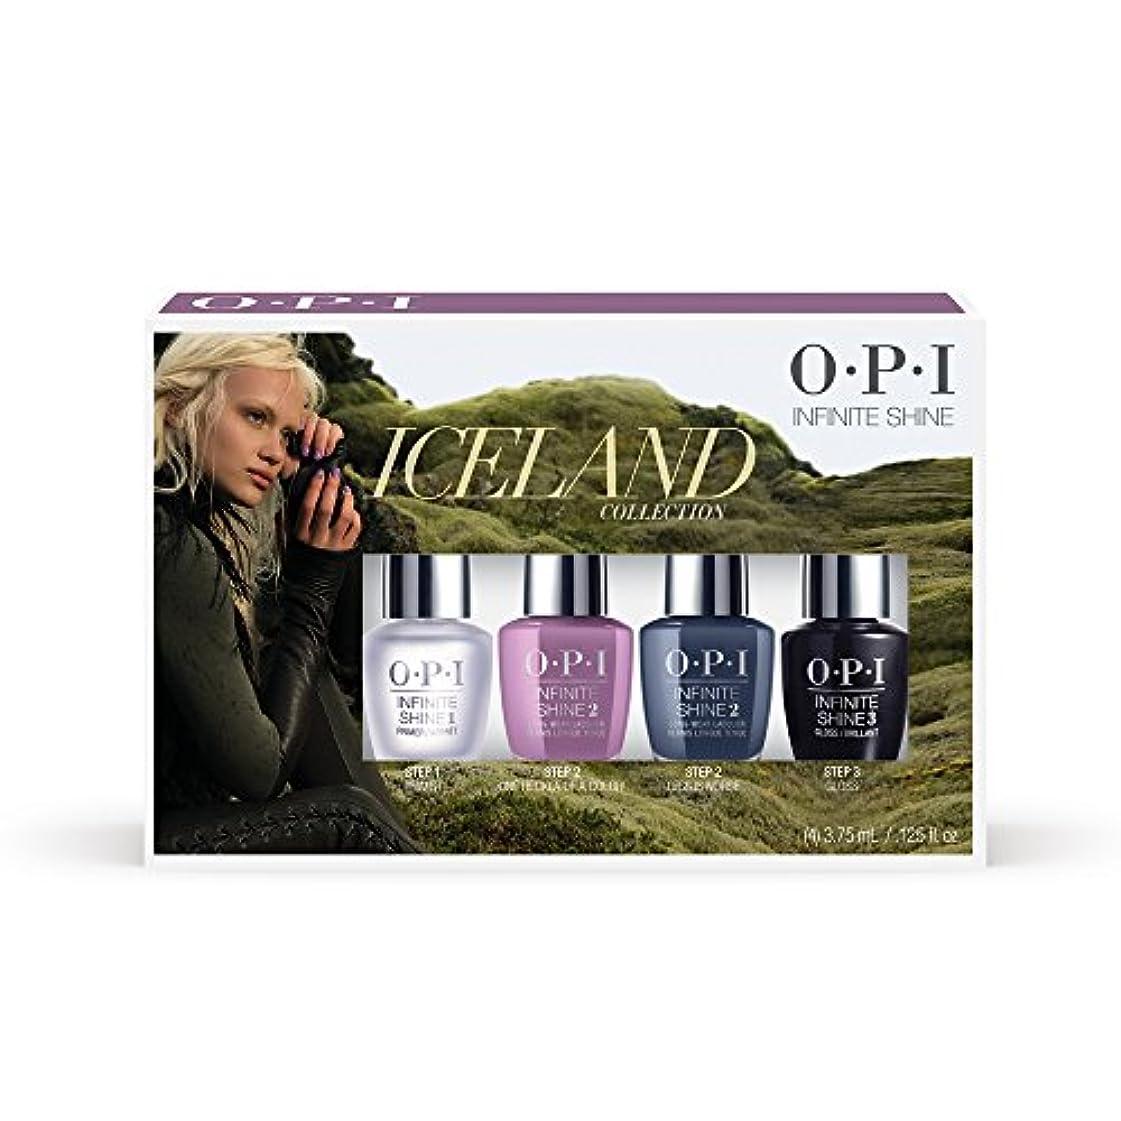 迷信れるアイザックOPI(オーピーアイ) アイスランド コレクション インフィニット シャイン ミニパック